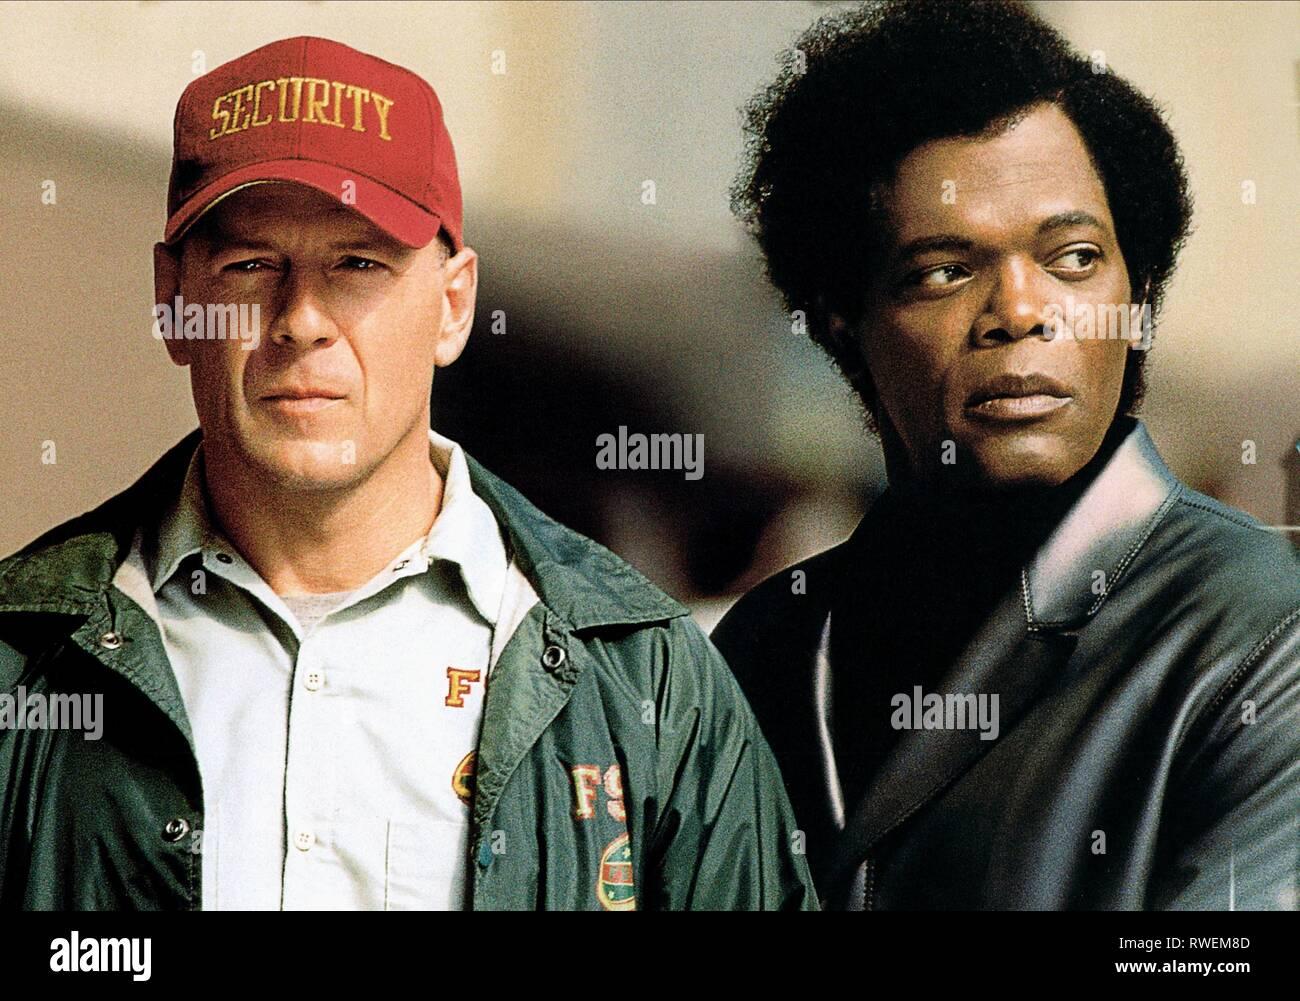 Willis Jackson Unbreakable 2000 Stock Photo Alamy